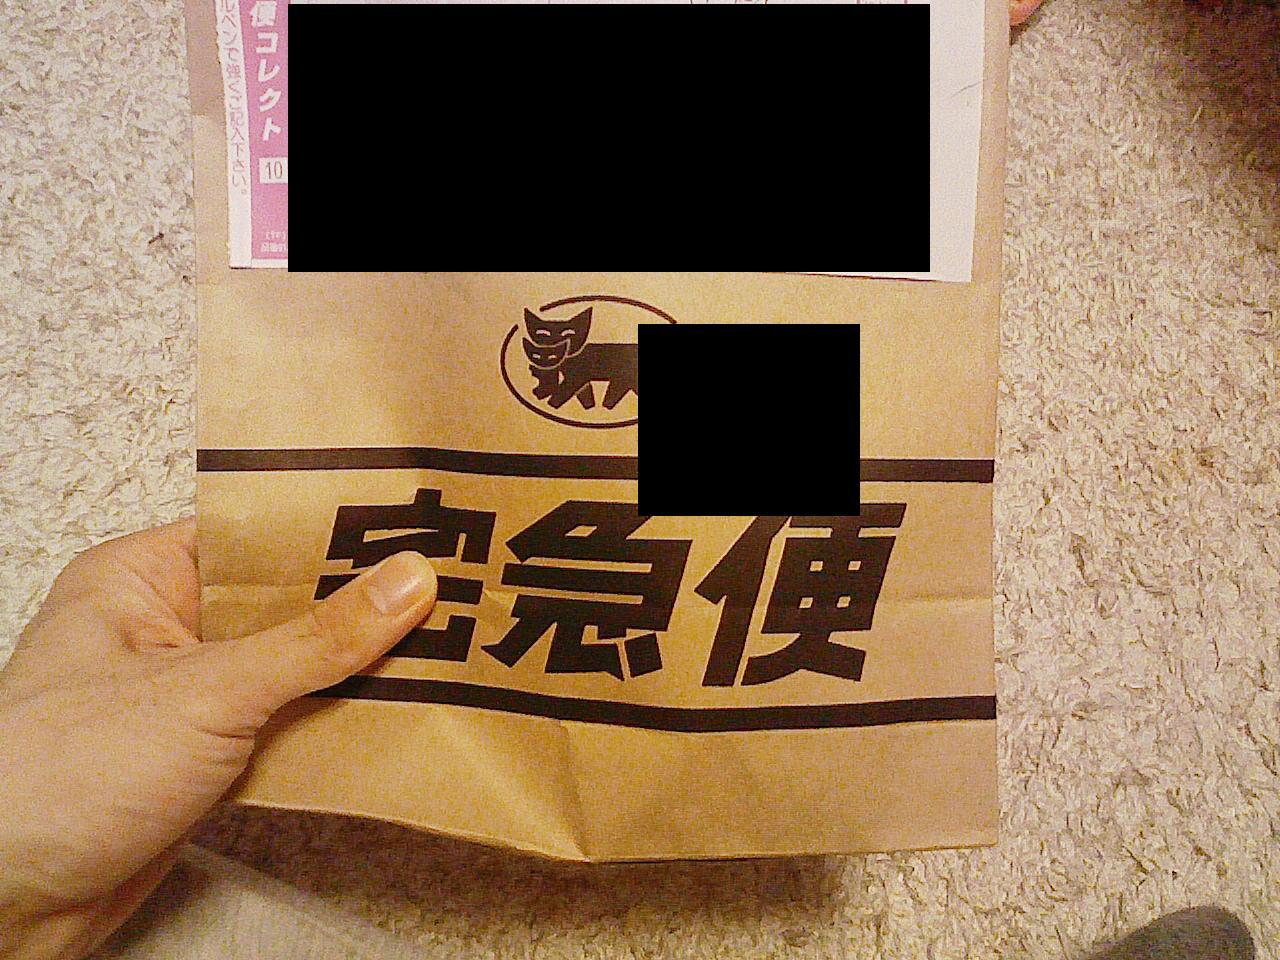 着圧ソックス「ザムストHA-1 コンプレッション」購入!